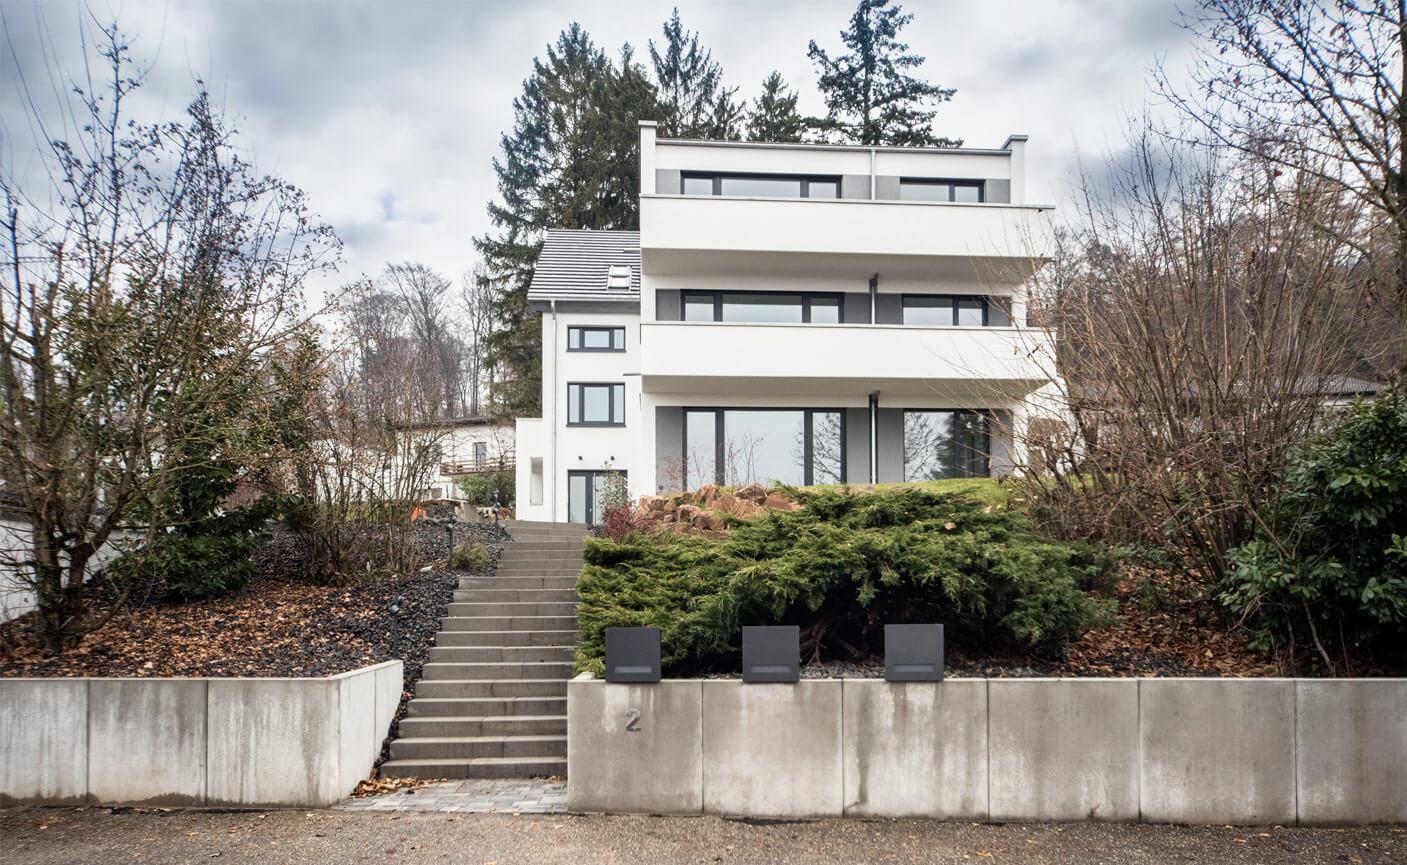 Essenpreis-Holzbau-Bedachungen-Erweiterung-2-Familienhaus-04